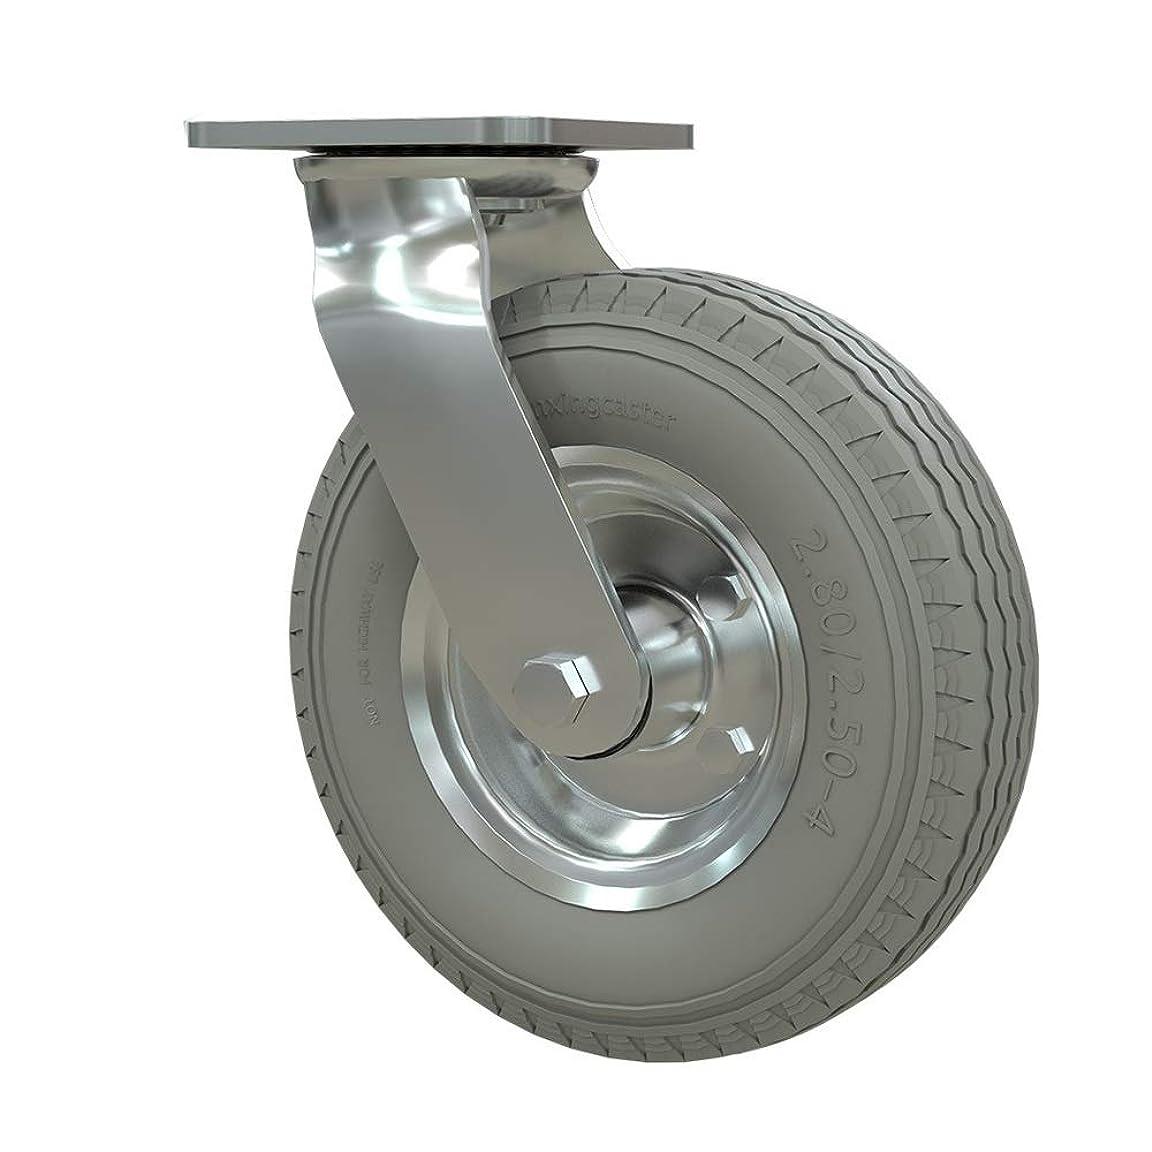 磁石阻害する講義耐久性の高いユニバーサルホイール 天板キャスター付きヘビーメタルキャスター8インチポリウレタンスイベル車輪のノイズ?フリーホイール4パック 幅広い用途 (色 : グレー, Size : 8in)